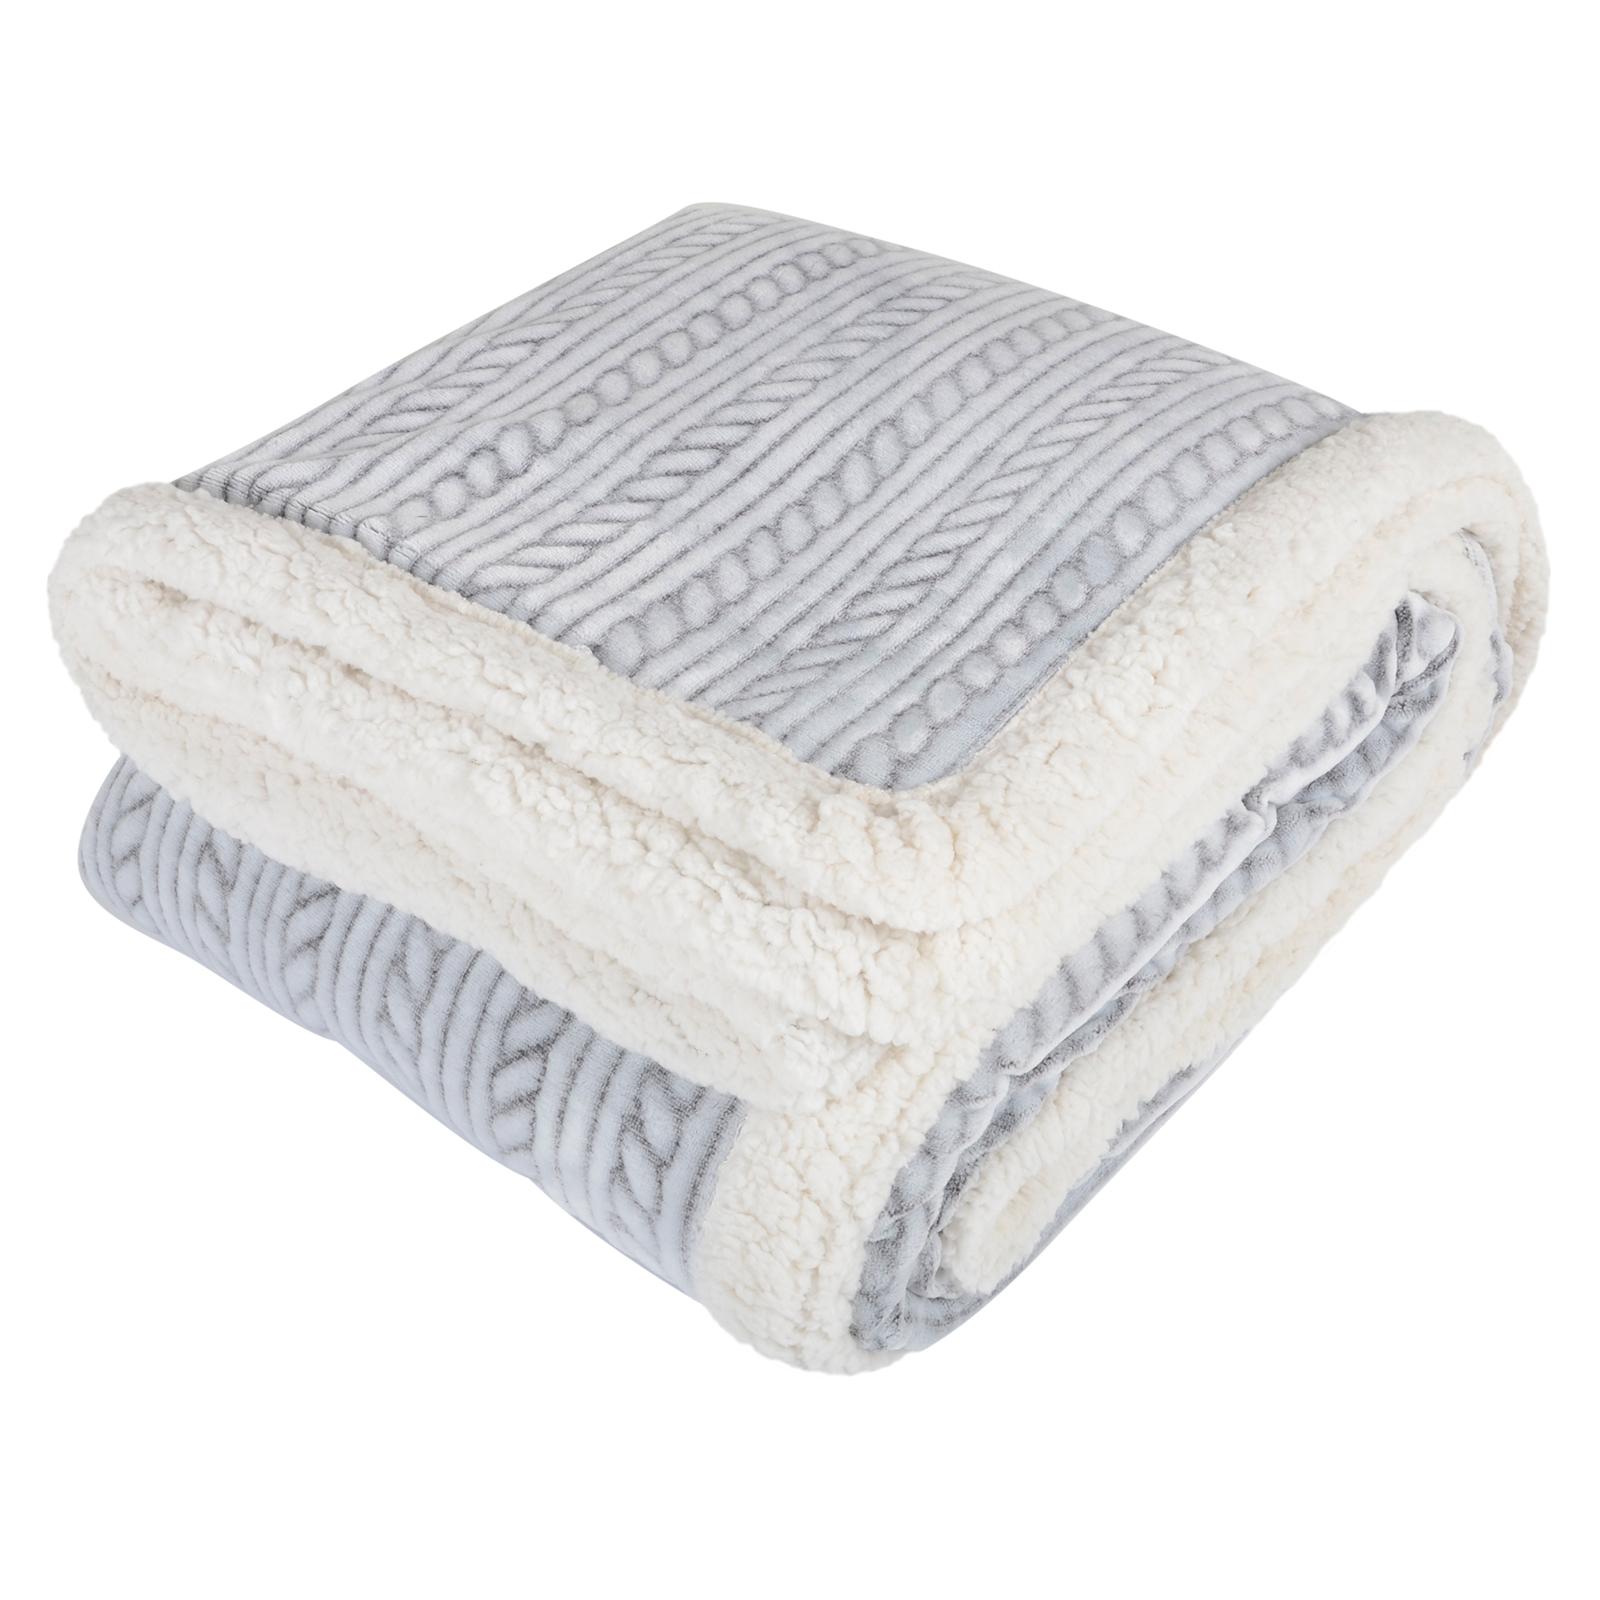 Grey Embossed Rope Design Luxury Fleece Blanket Sherpa